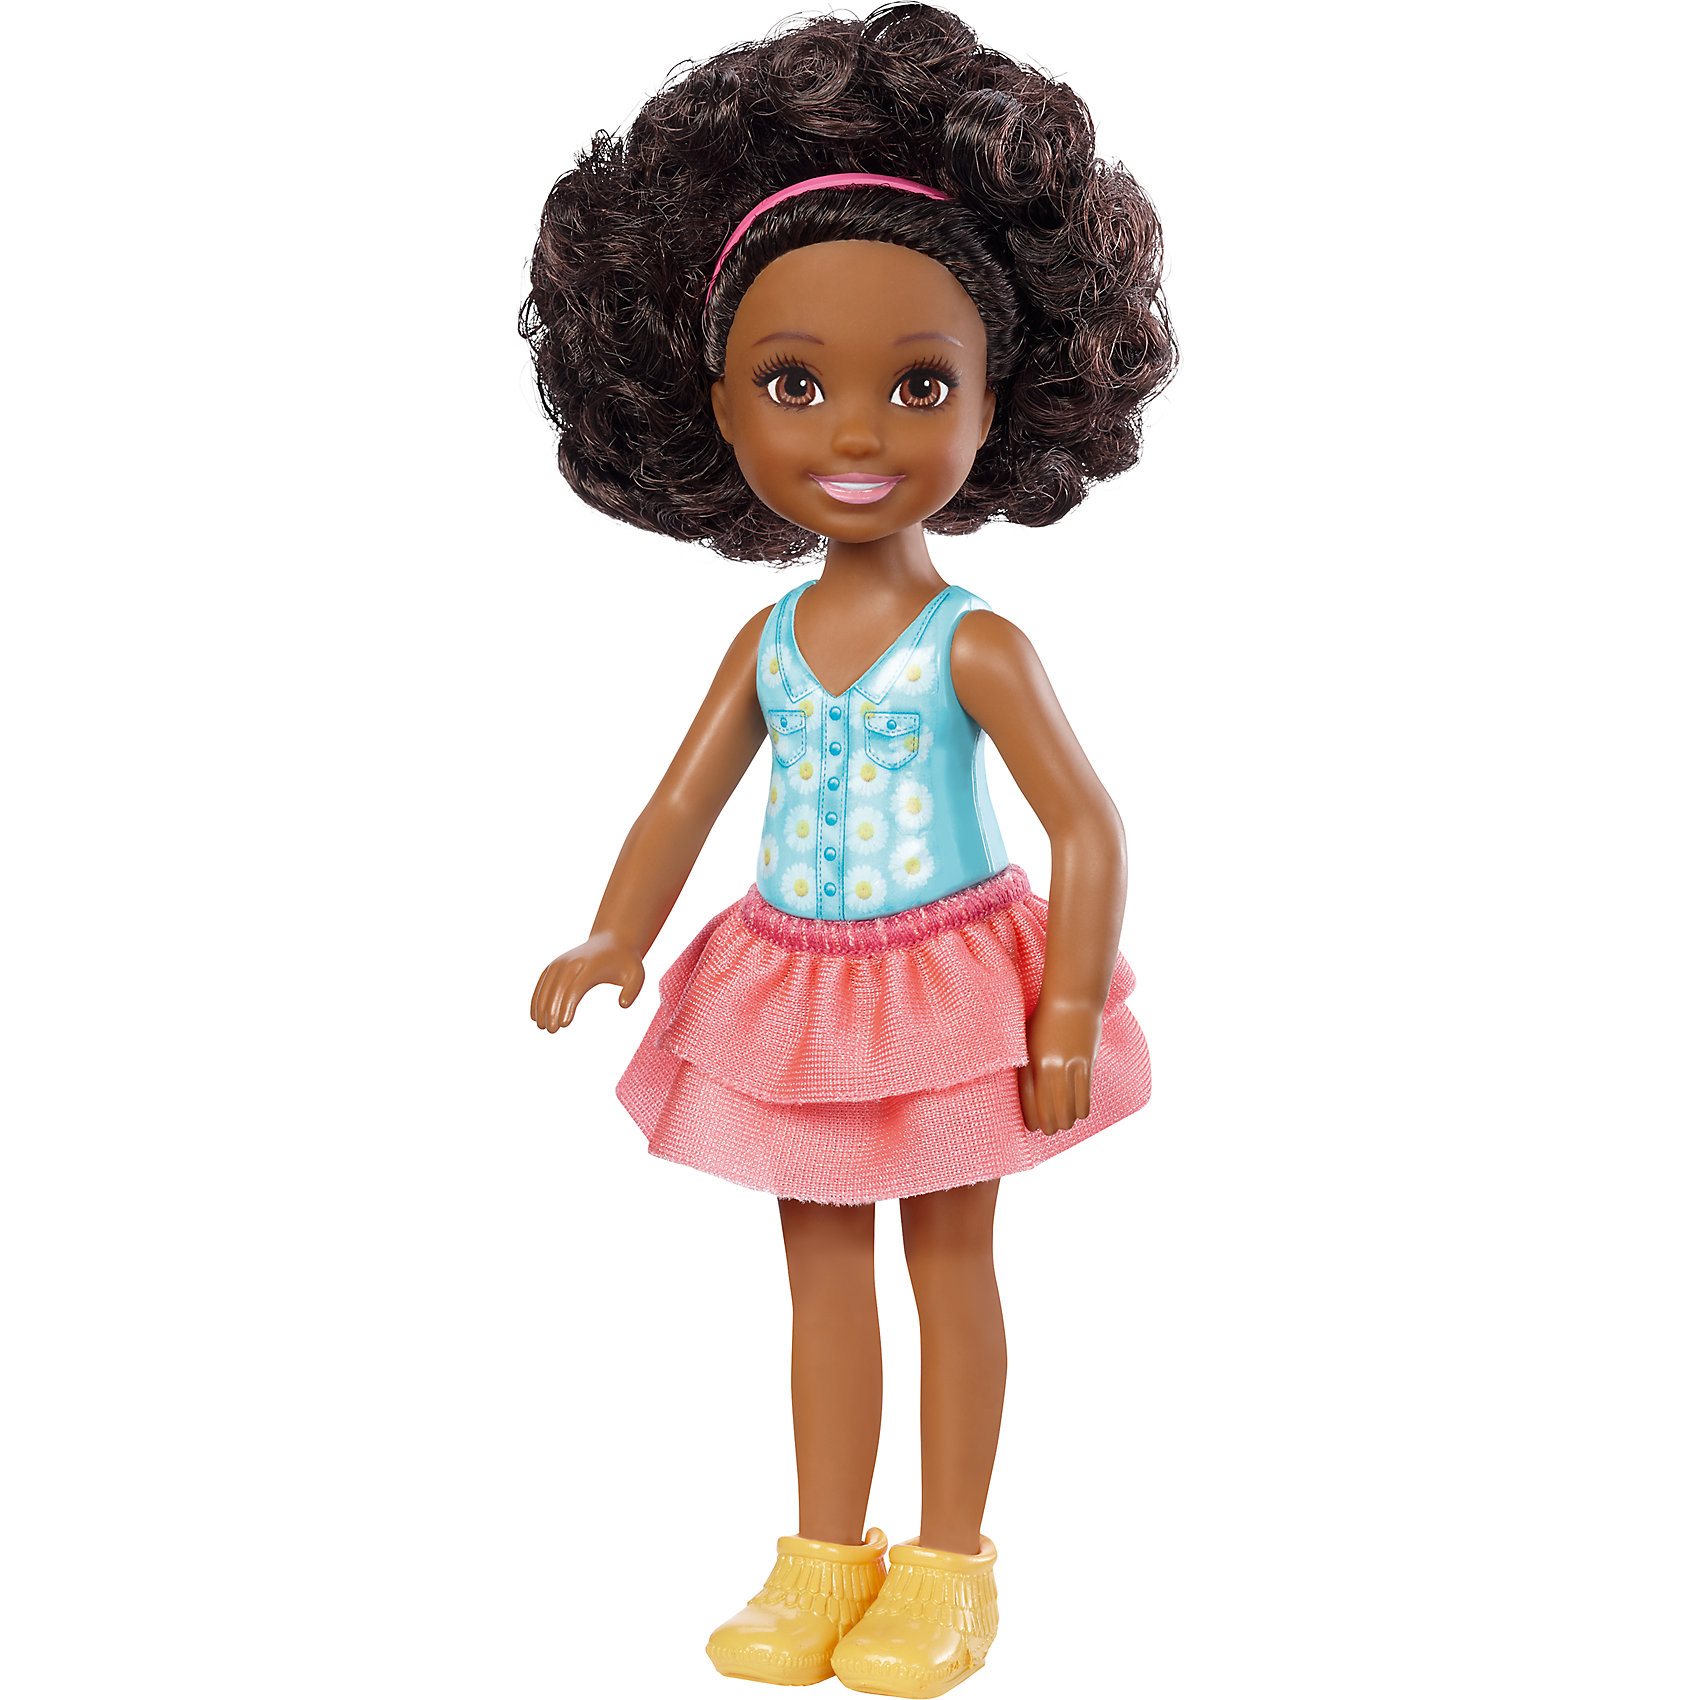 Кукла-Челси, BarbieПопулярные игрушки<br>Характеристики товара:<br><br>• комплектация: 1 кукла, одежда, аксессуар<br>• материал: пластик, полимер, текстиль<br>• подвижные части тела<br>• высота куклы: 13,5 см<br>• длинные волосы<br>• возраст: от трех лет<br>• размер упаковки: 16х9х4 см<br>• вес: 0,3 кг<br>• страна бренда: США<br><br>Маленьких любительниц куклы Barbie наверняка порадует малышка Челси в новом образе. Она выглядит очаровательно в ярком наряде. Длинные волосы позволяют делать разнообразные прически! Кукла дополнена аксессуаром, чтобы игры с ней стали разнообразнее. Эта Челси станет великолепным подарком для девочек!<br><br>Игры с куклами помогают развить у девочек вкус и чувство стиля, отработать сценарии поведения в обществе, развить воображение и мелкую моторику. Такую куклу удобно брать с собой в поездки и на прогулки. Маленькая Челси от бренда Mattel не перестает быть популярной! <br><br>Куклу Челси, Barbie, от компании Mattel можно купить в нашем интернет-магазине.<br><br>Ширина мм: 90<br>Глубина мм: 40<br>Высота мм: 160<br>Вес г: 73<br>Возраст от месяцев: 36<br>Возраст до месяцев: 120<br>Пол: Женский<br>Возраст: Детский<br>SKU: 5389672